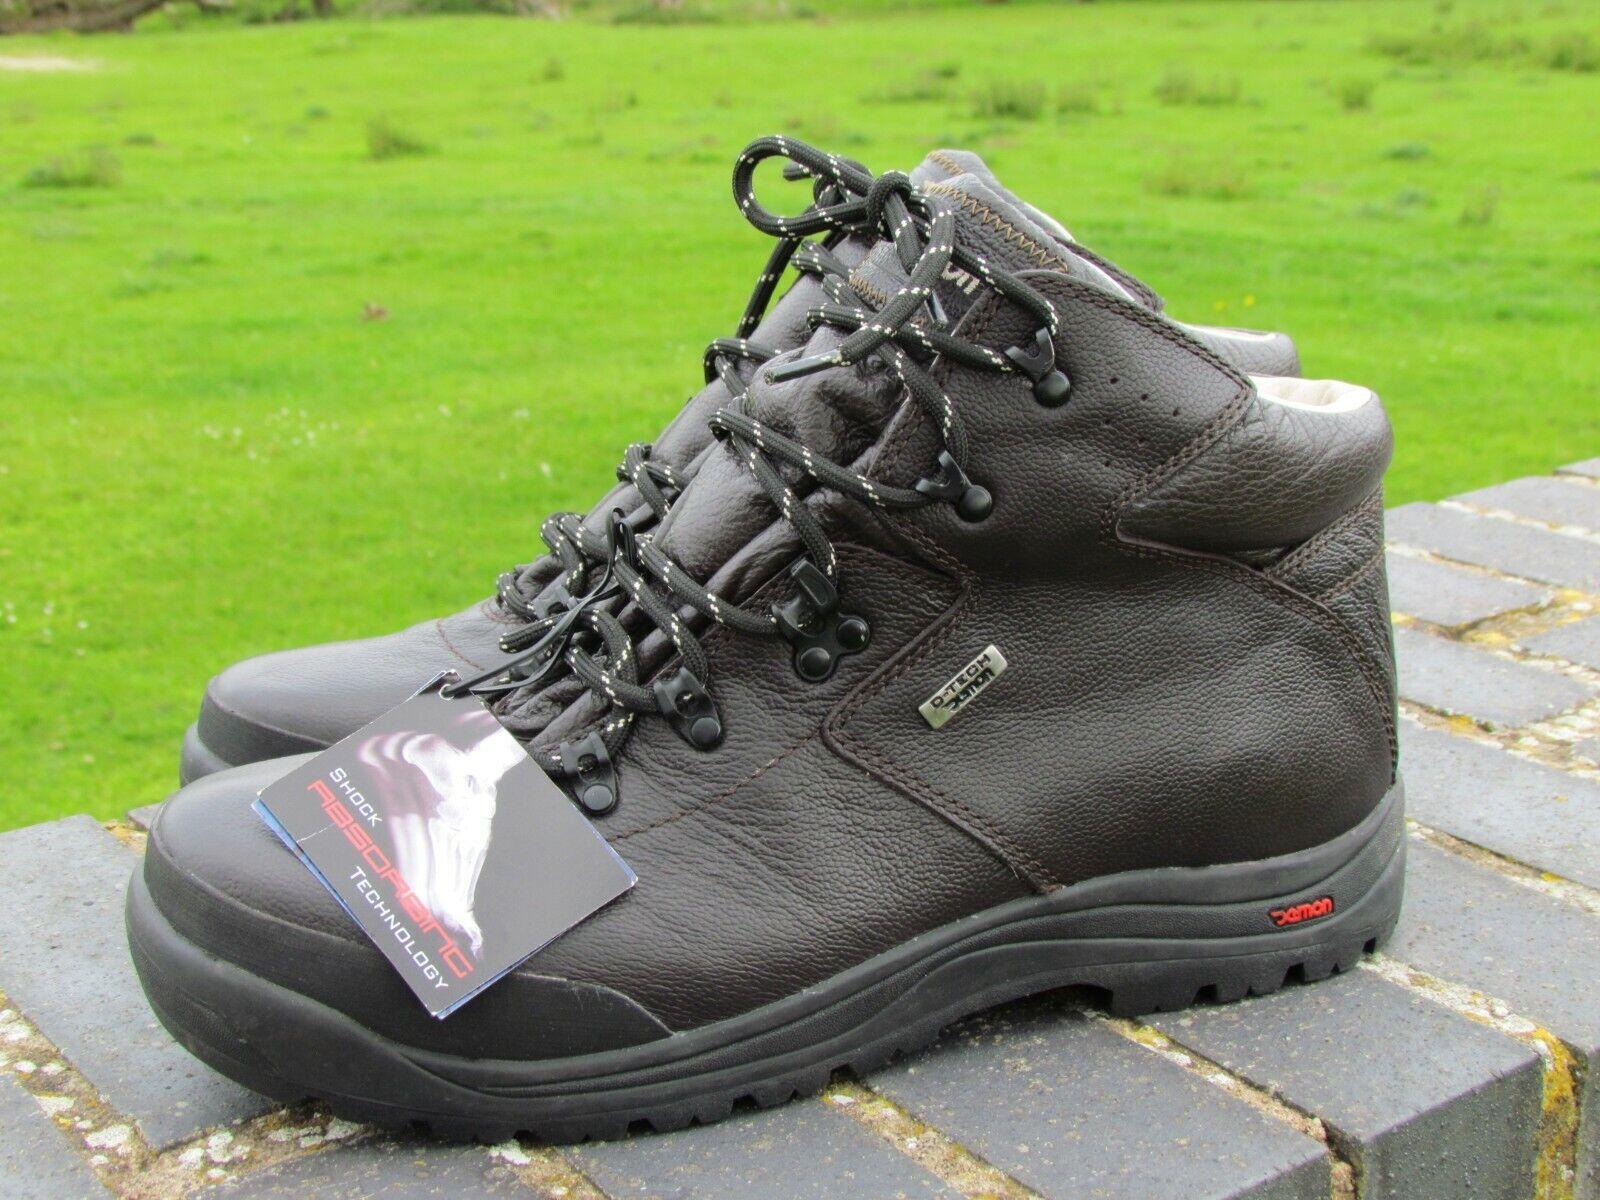 Men's DEMON amortiguador tecnología de caminar o de seguimiento de la bota de cuero